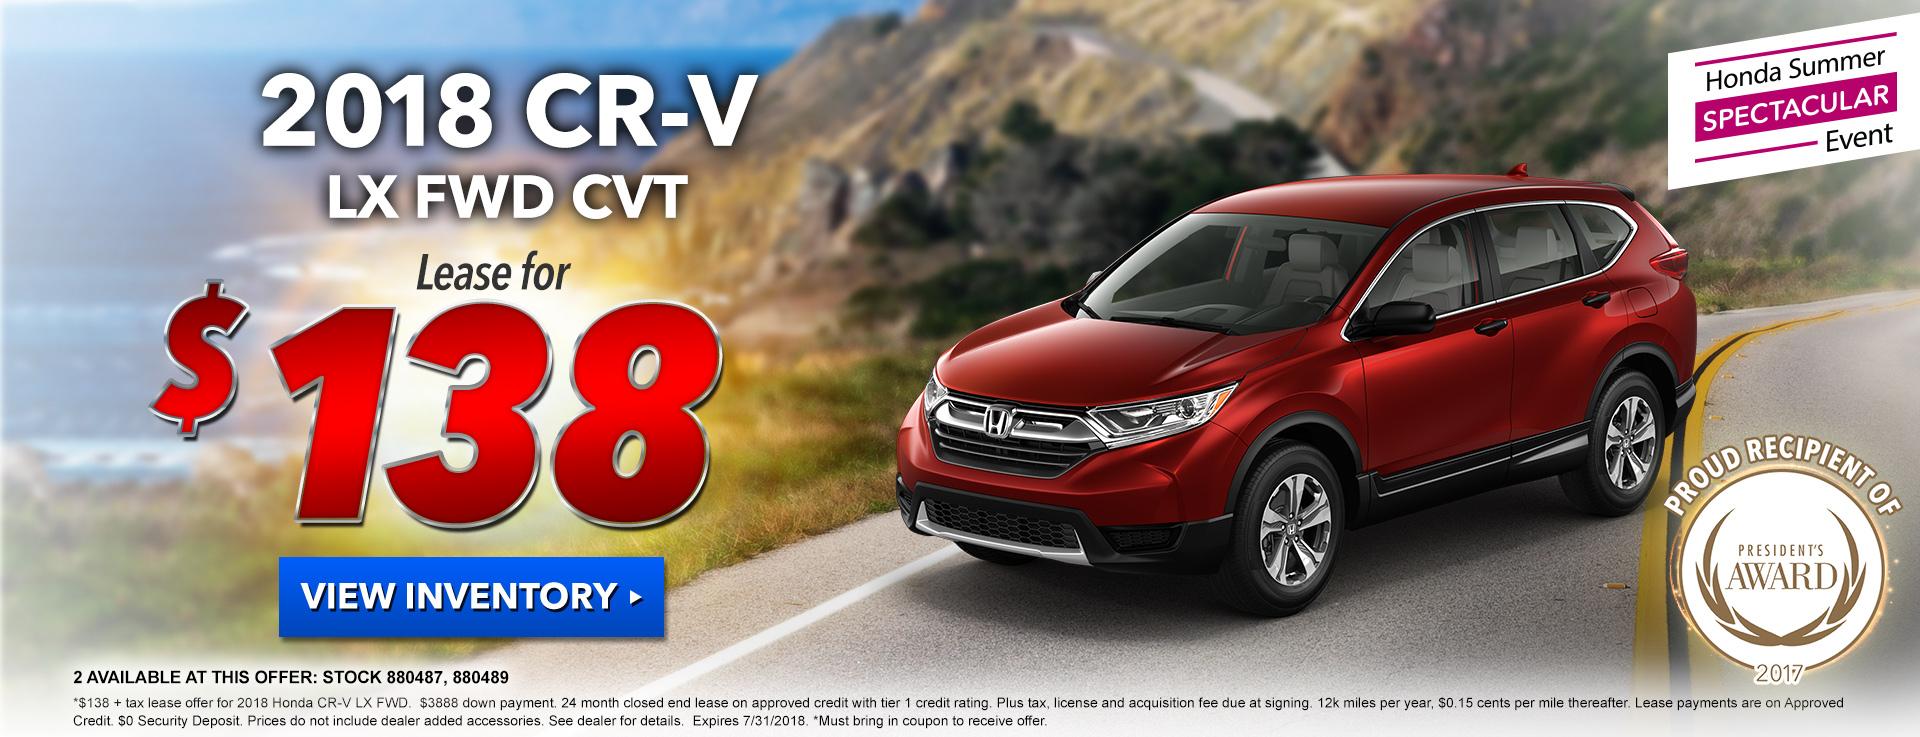 Honda CR-V $138 Lease